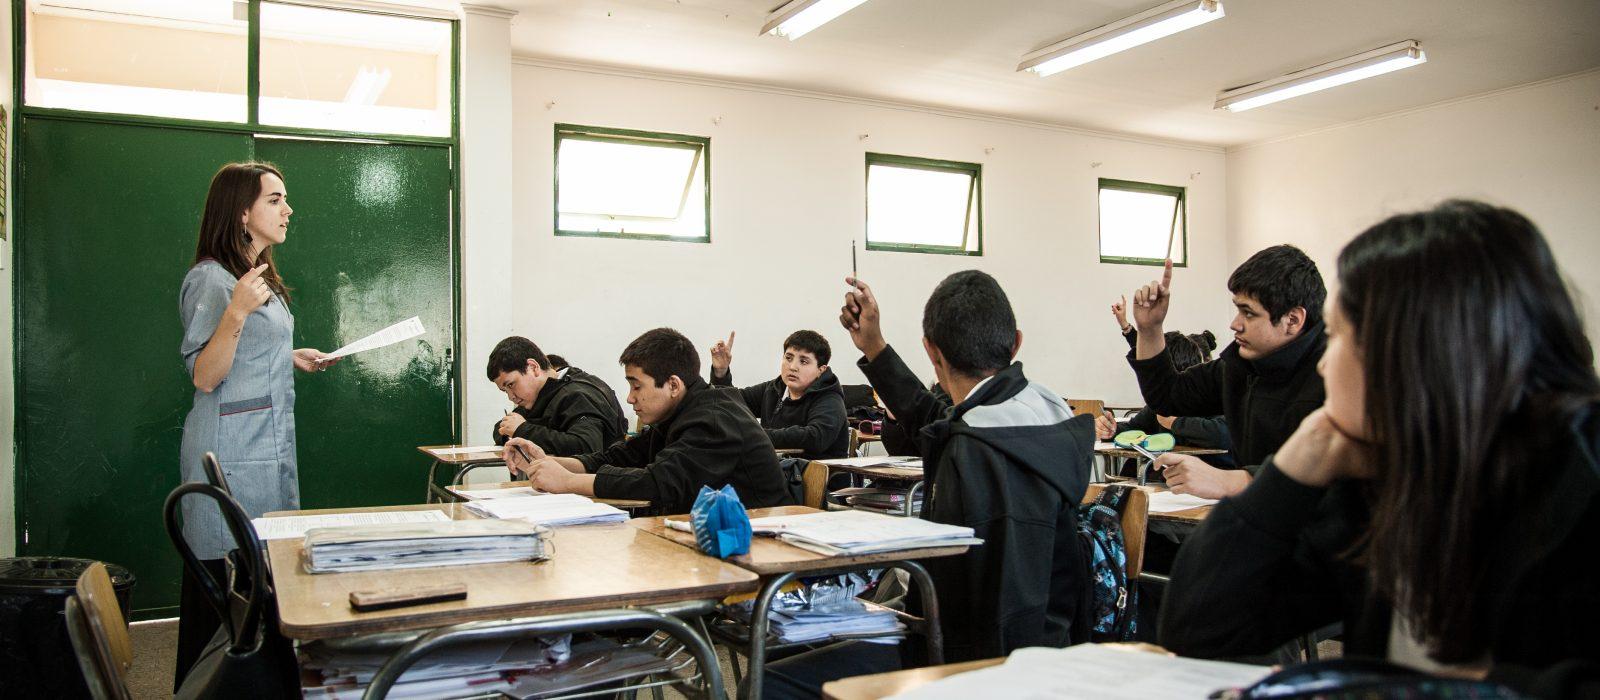 ¿Cómo elegir un colegio? Cinco consejos